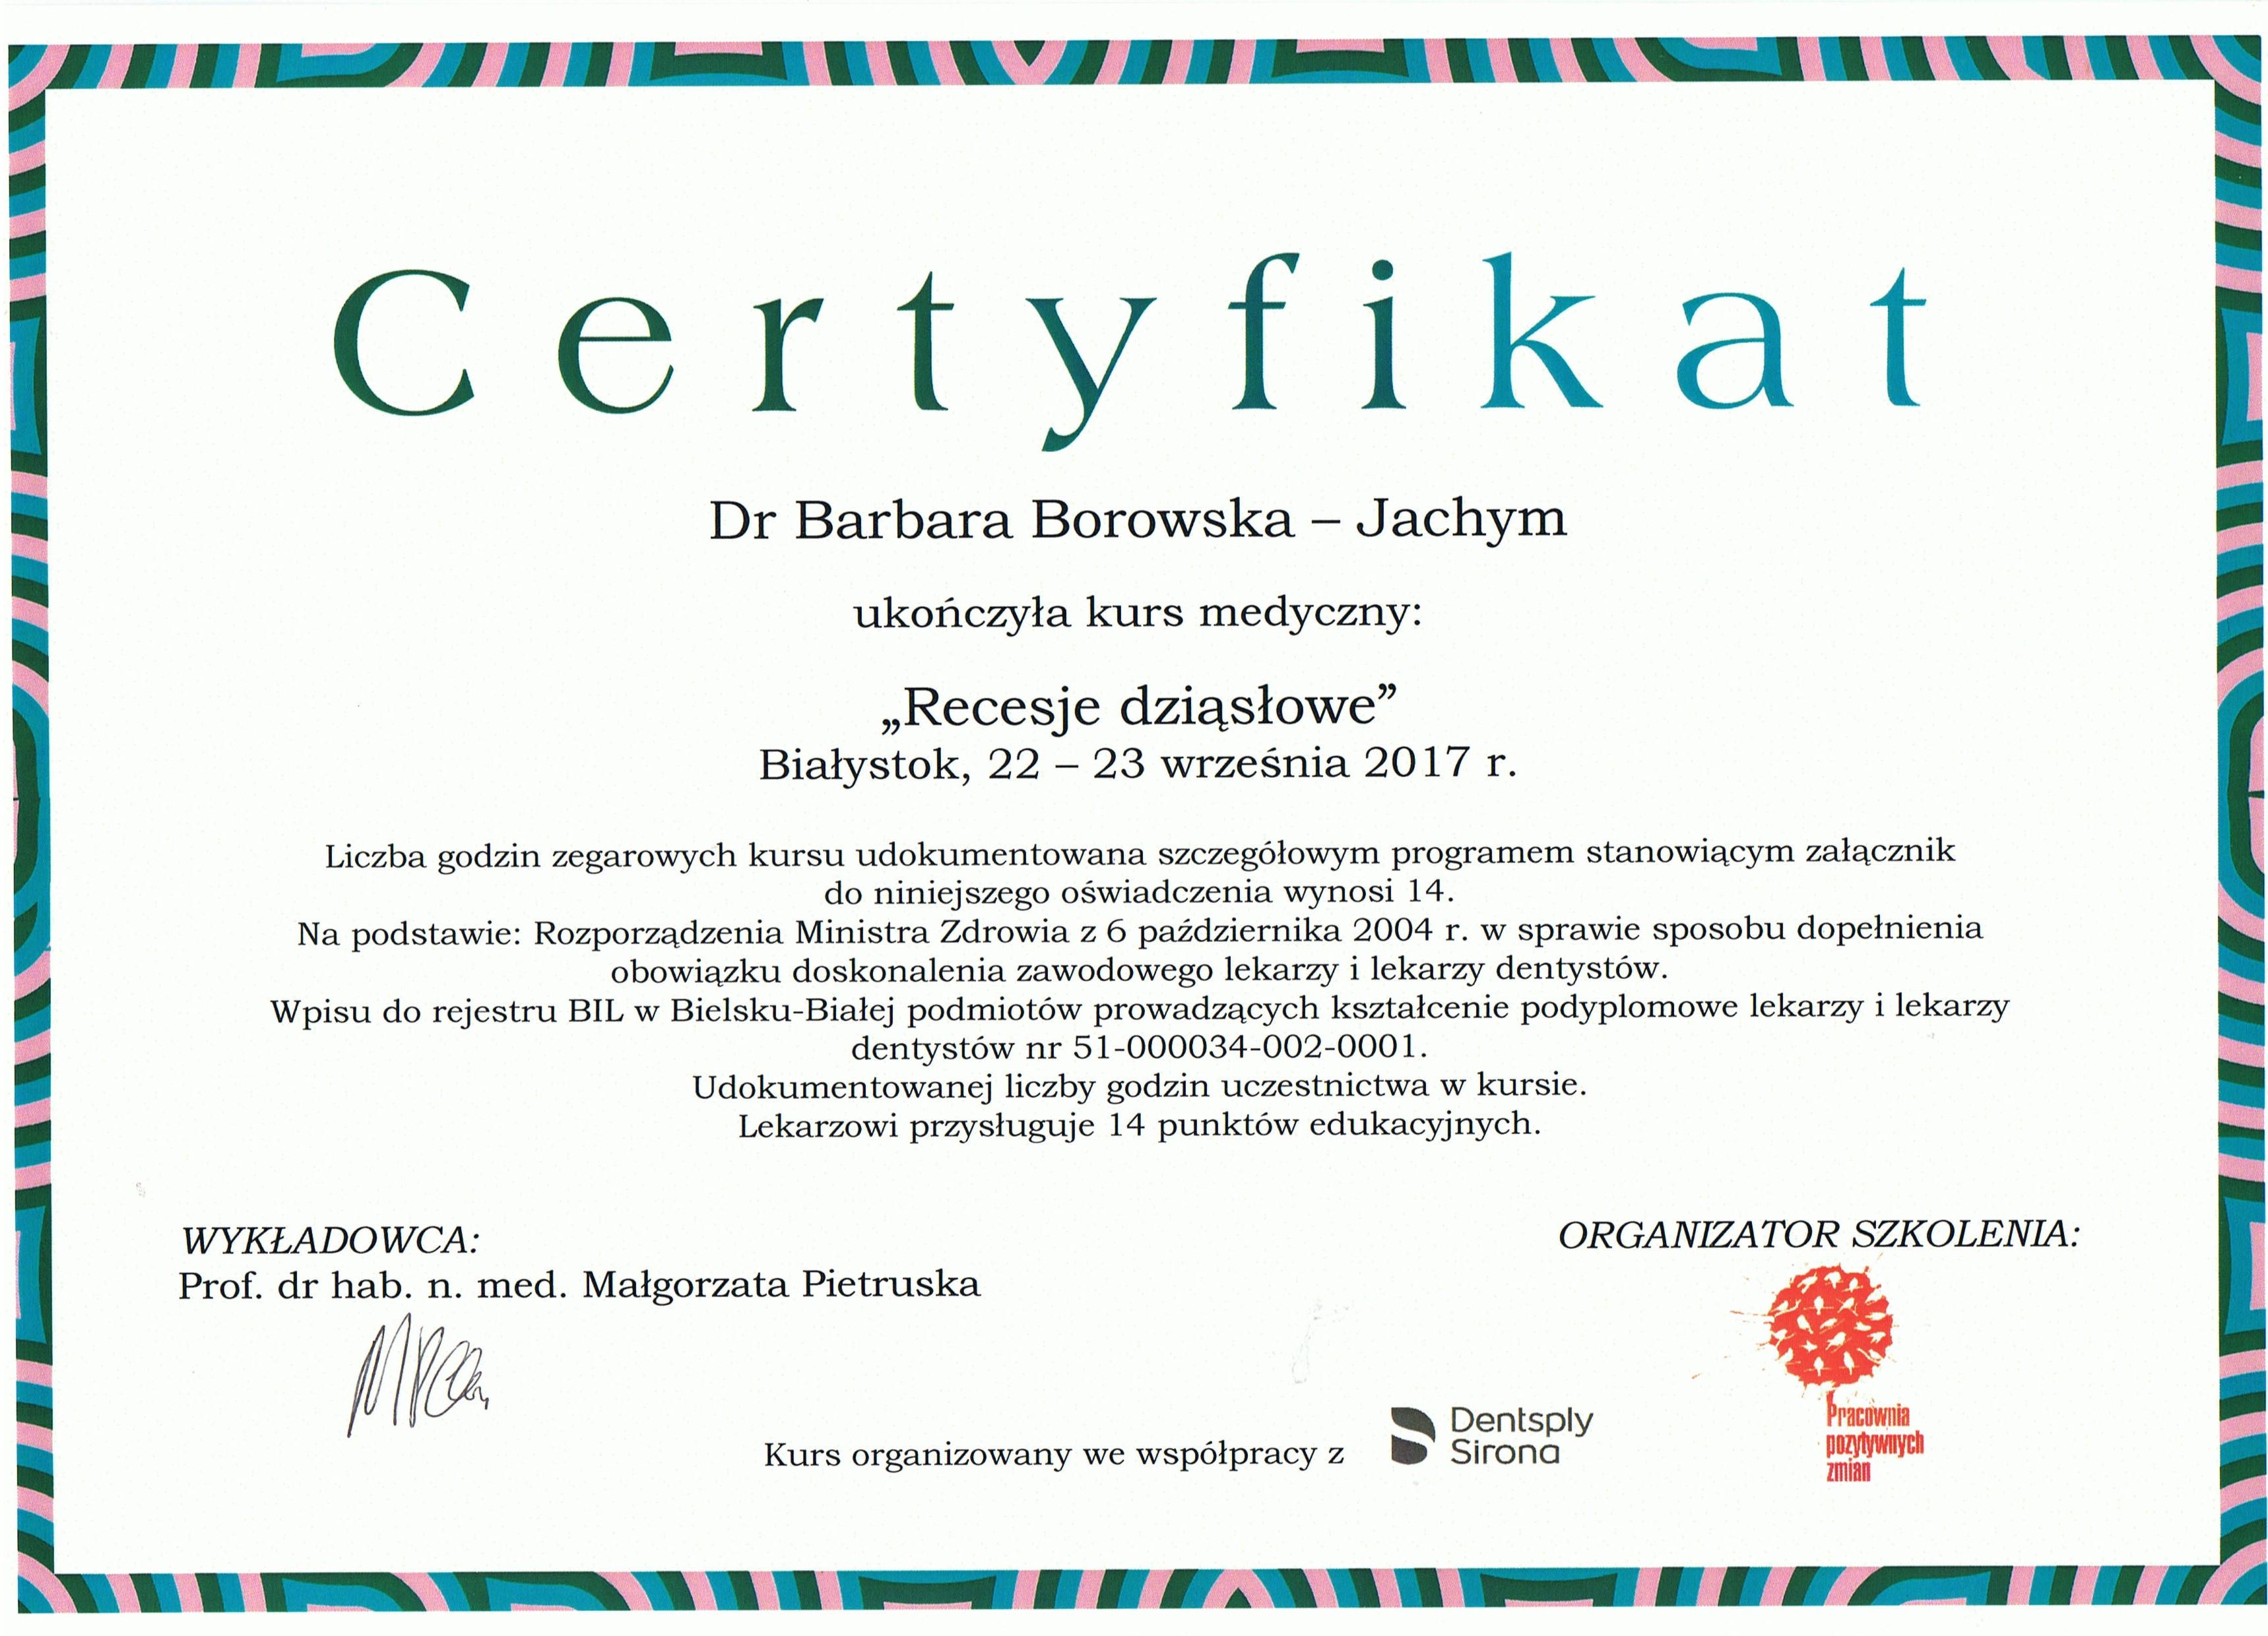 CCF20171009 00000 - Krakowski dentysta: lek. dent. Barbara Borowska-Jachym